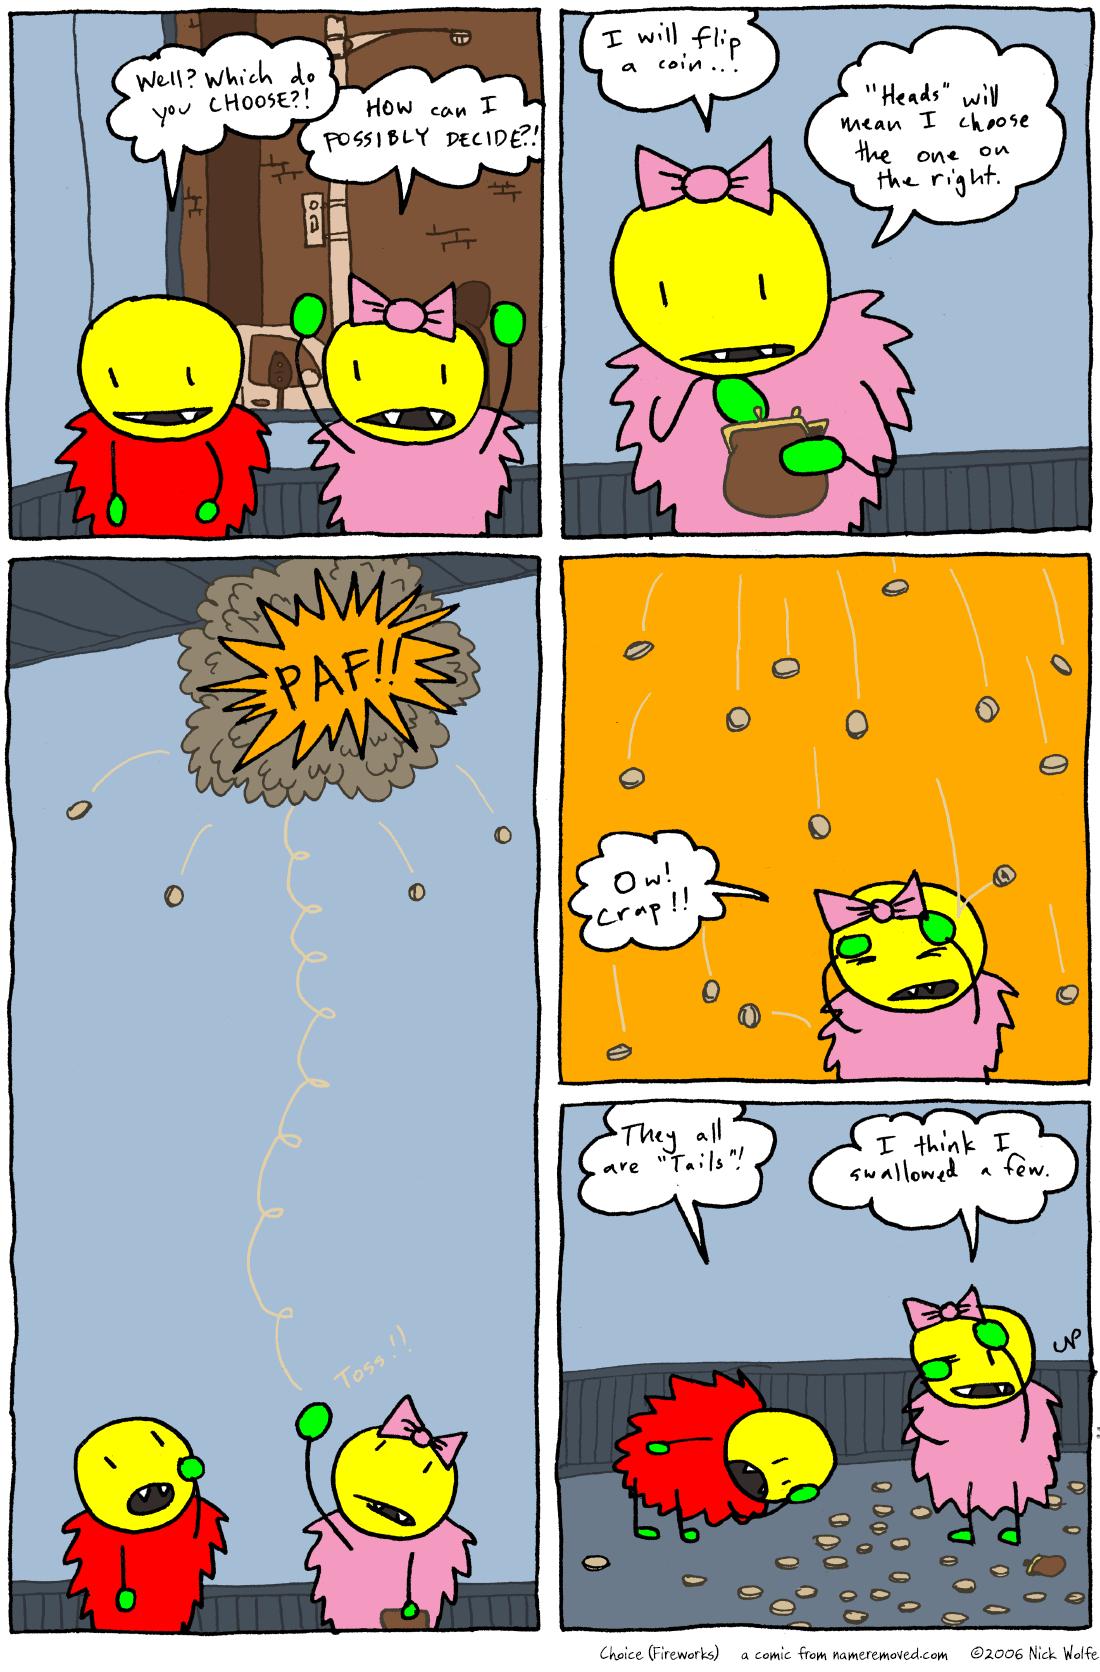 Choice (Fireworks)